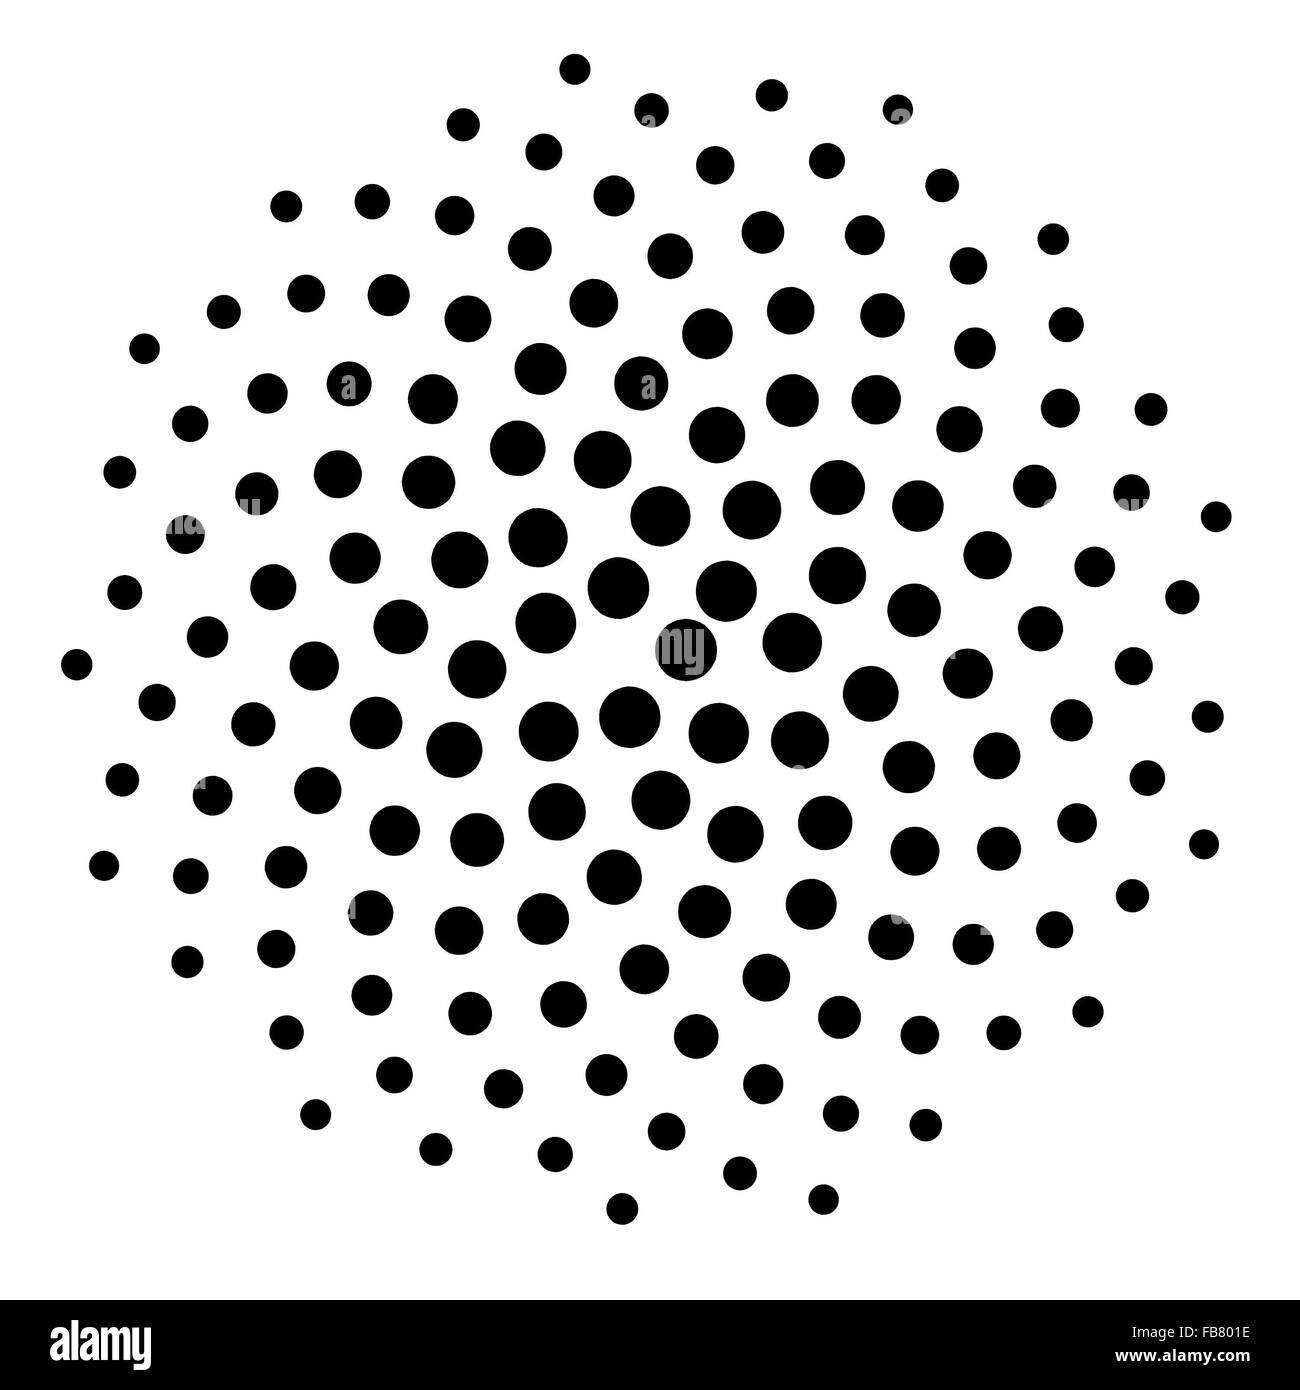 Royalty free clipart ilustración de una espiral negro matemáticas ...